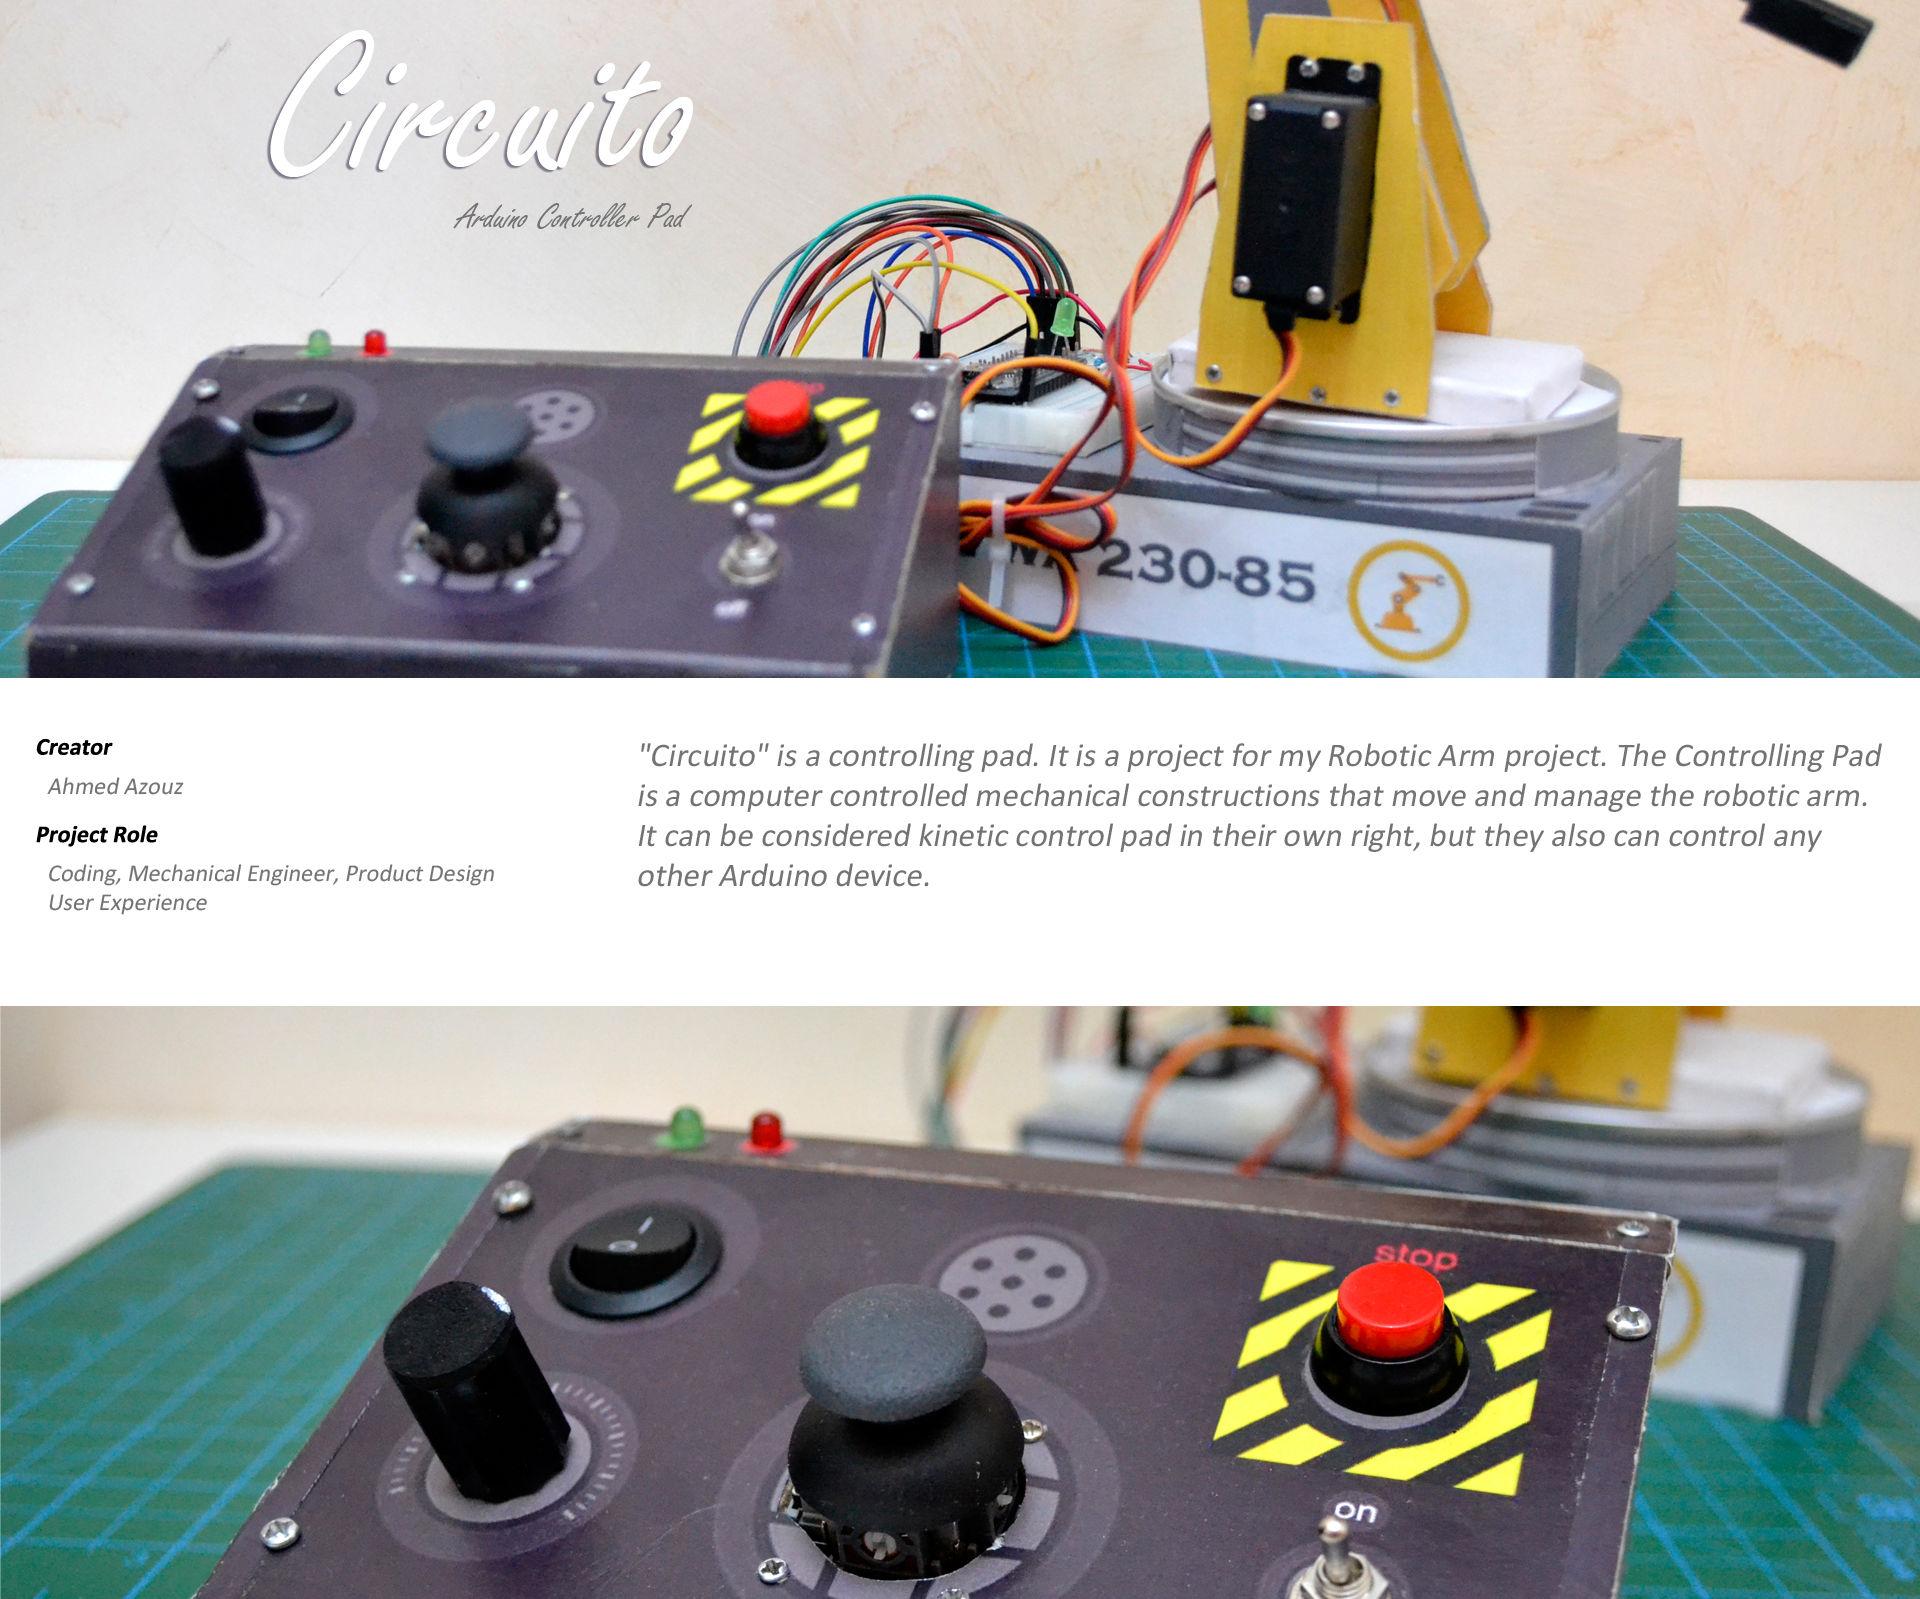 Circuito Arduino Controller Pad